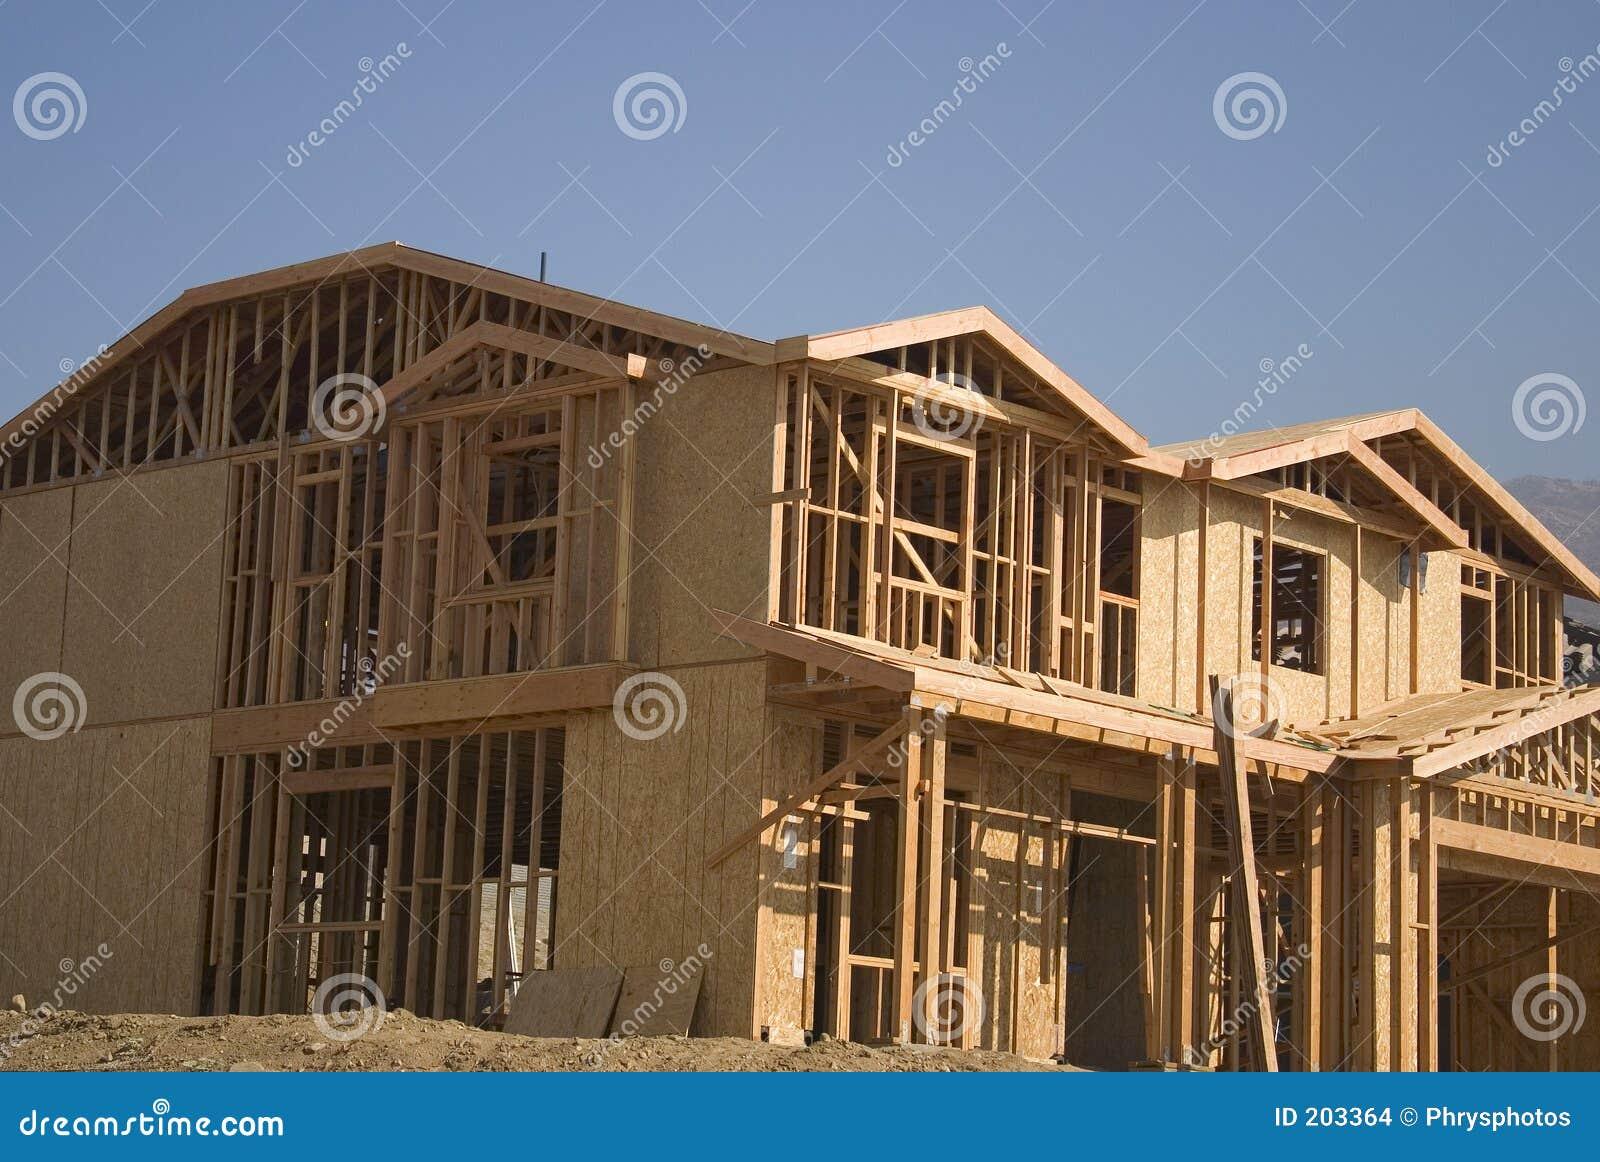 Construção home nova